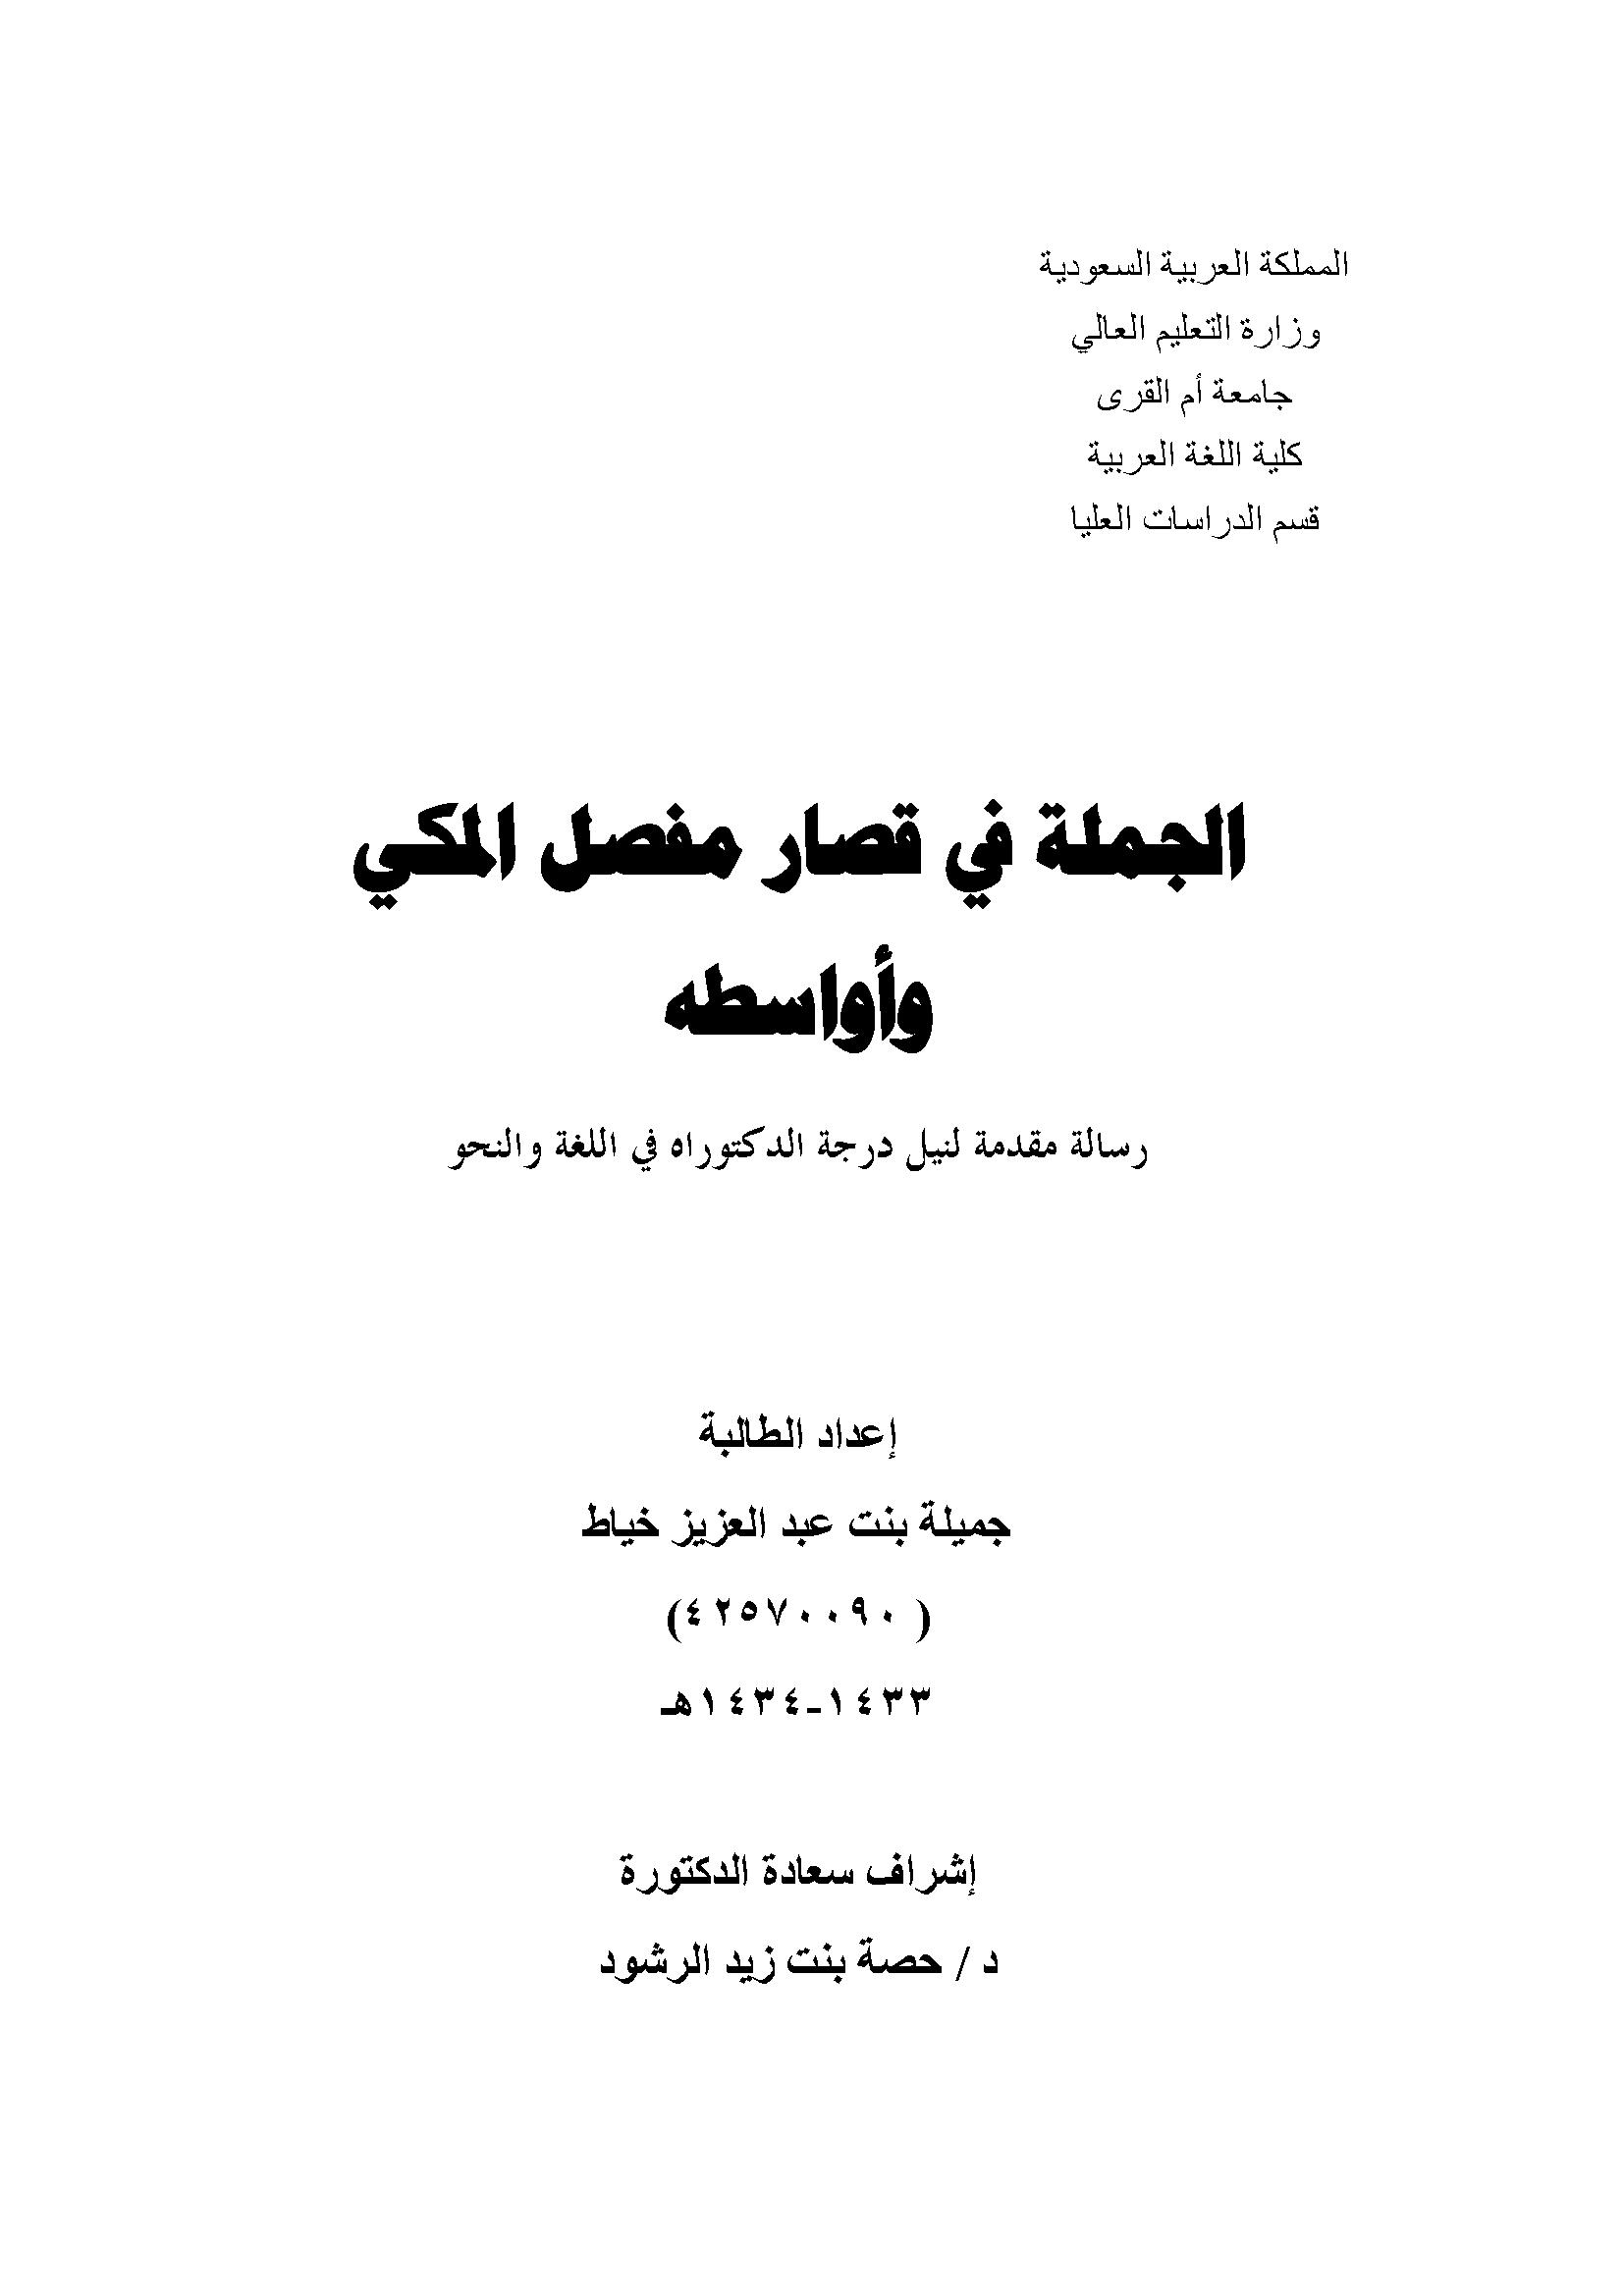 تحميل كتاب الجملة في قصار مفصل المكي وأواسطه لـِ: جميلة بنت عبد العزيز خياط